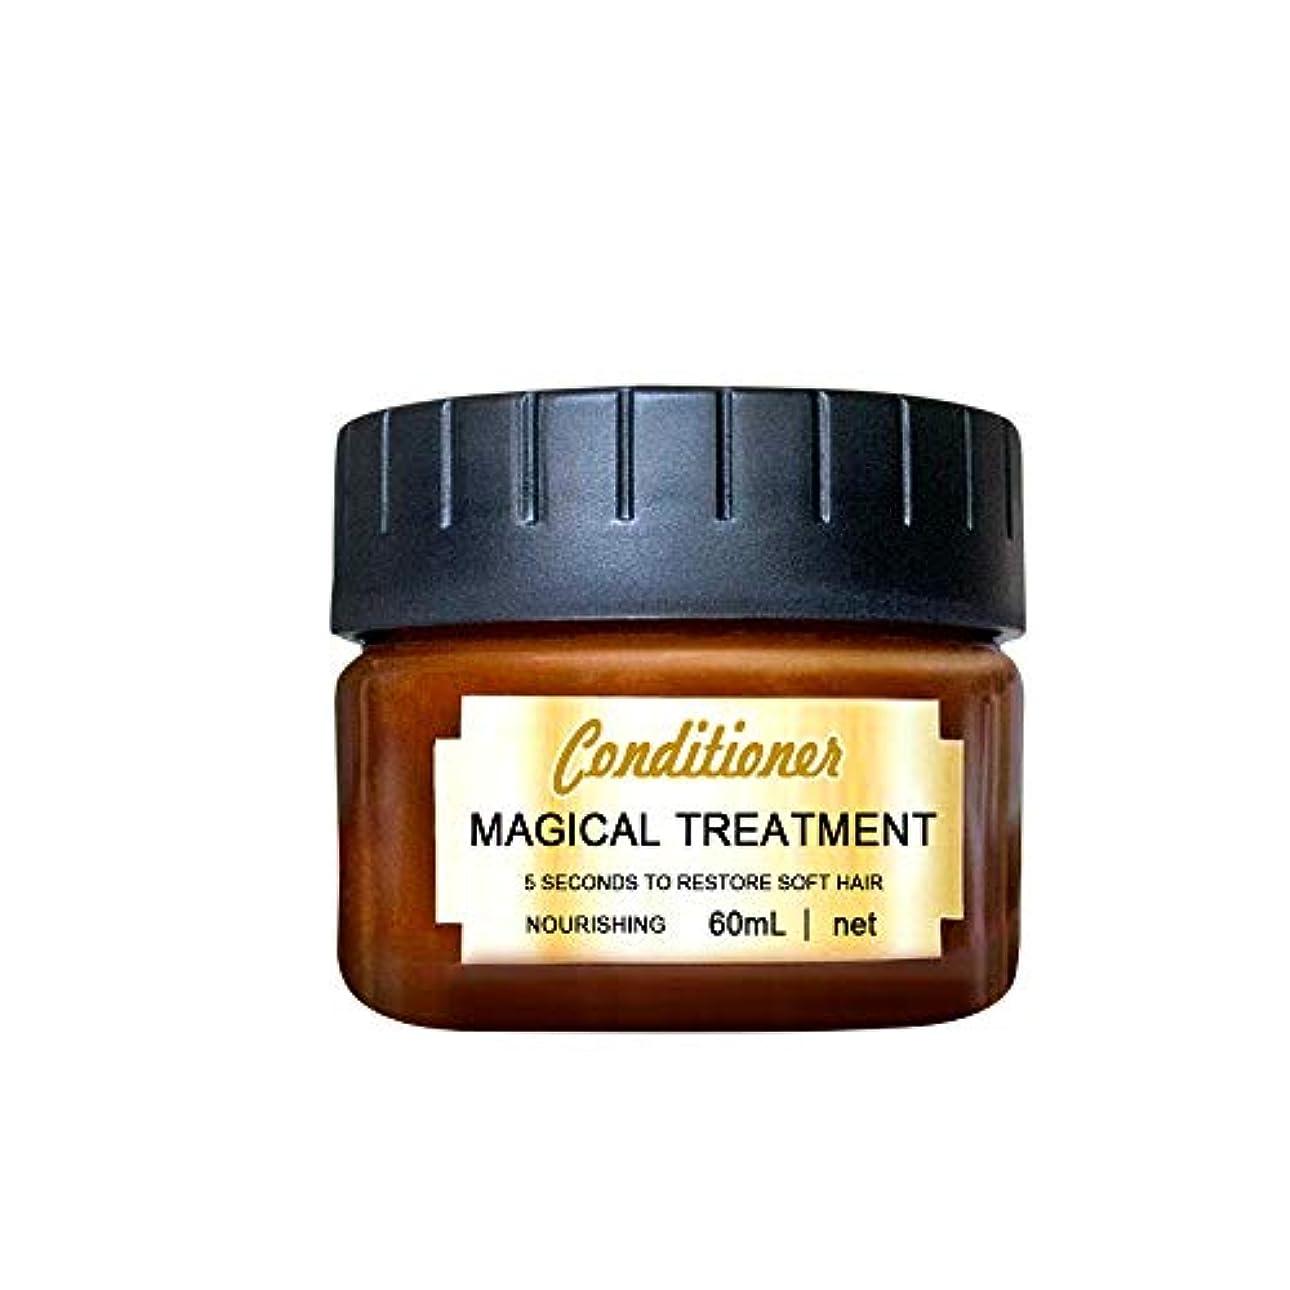 読みやすさいたずらな素人DOUJI植物成分 ヘアケア リッチリペア コンディショナー60mlダメージのある髪へ 弾力性回復 高度な分子毛根治療回復 髪の栄養素を補給トリートメント